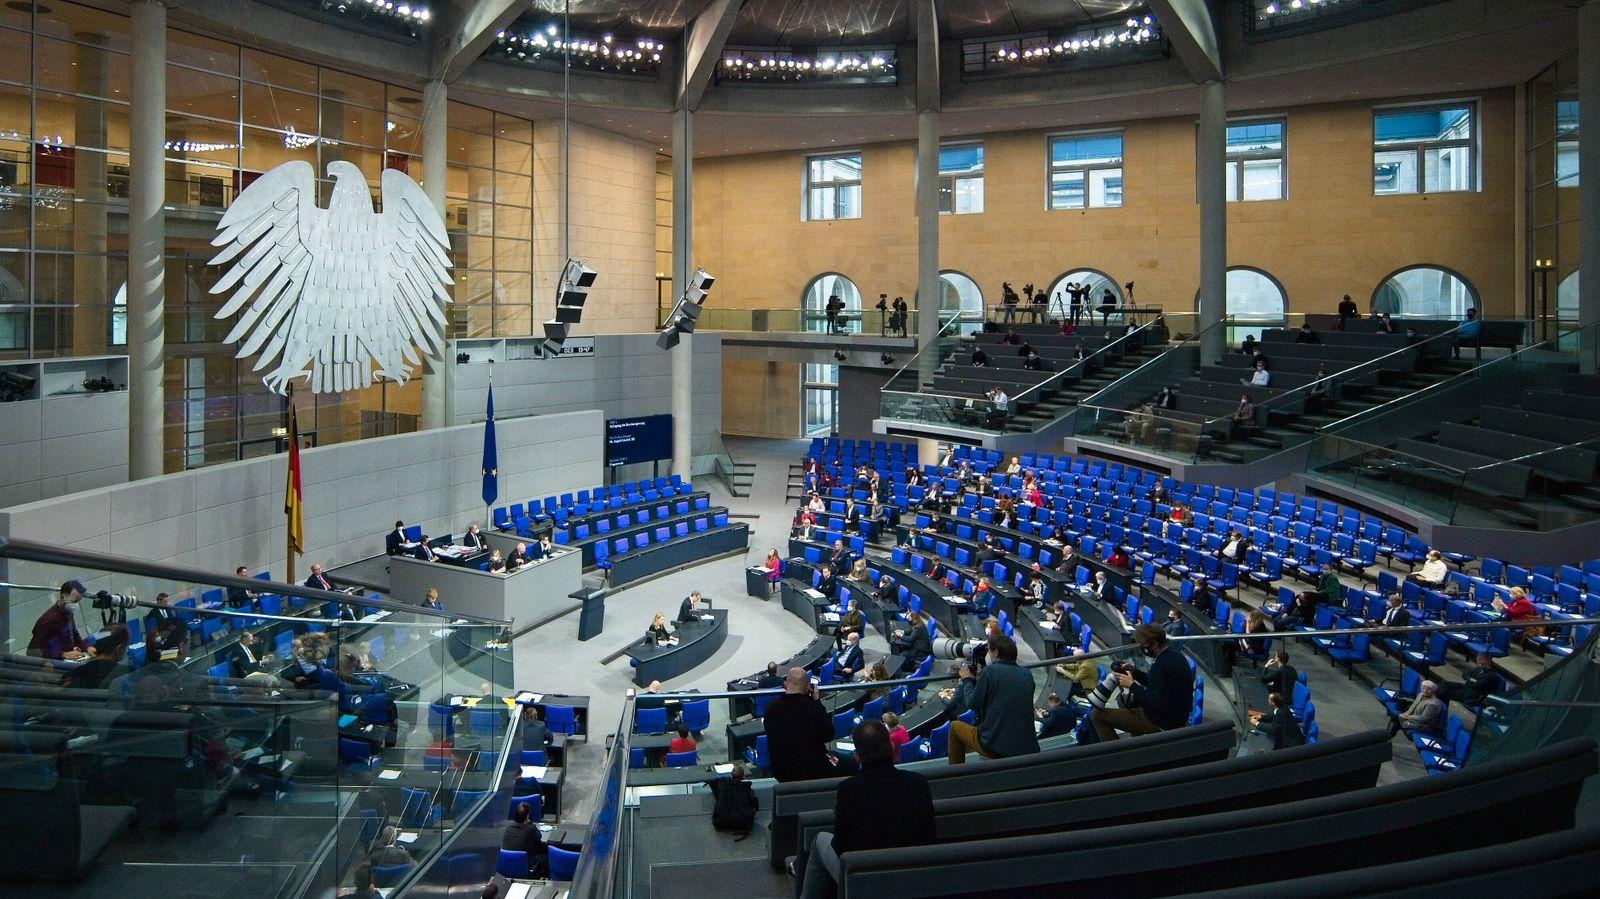 Berlin GER, Berlin, 16.12.20, Fragestunde, dt. Bundestag Impressionen - Uebersicht - Saal - Plenum, Befragung der Bunde